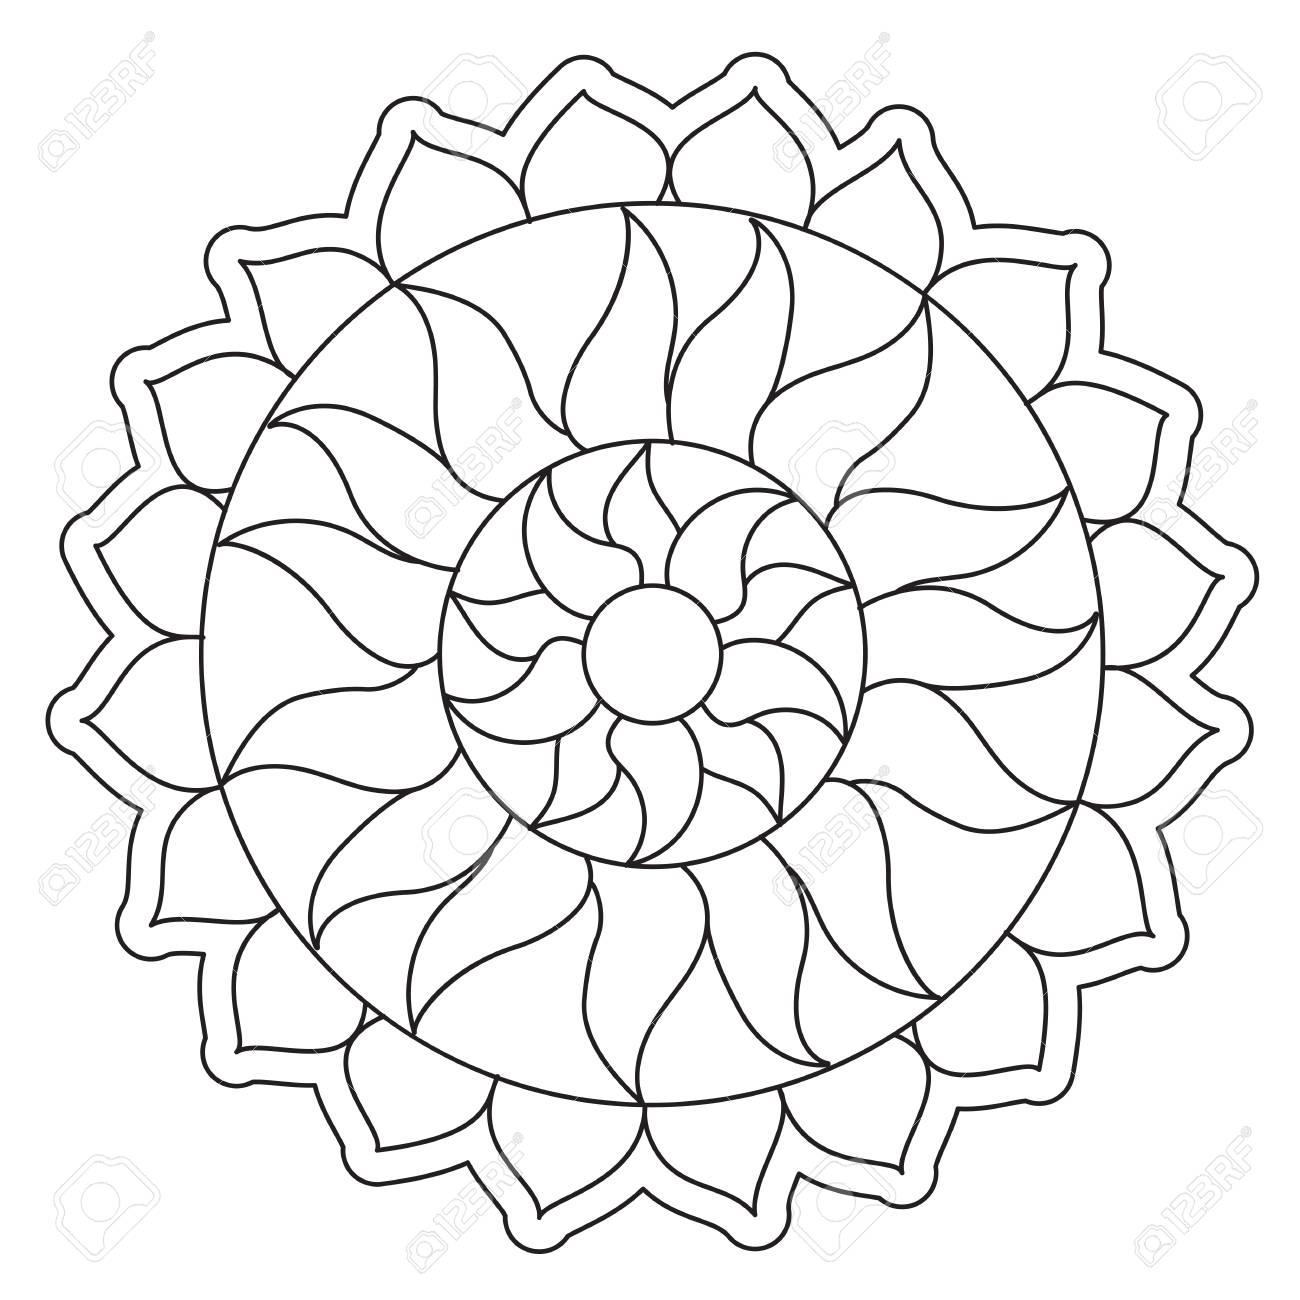 Mandala Sencilla Para Colorear. Mandalas Para Colorear Una Divertida ...